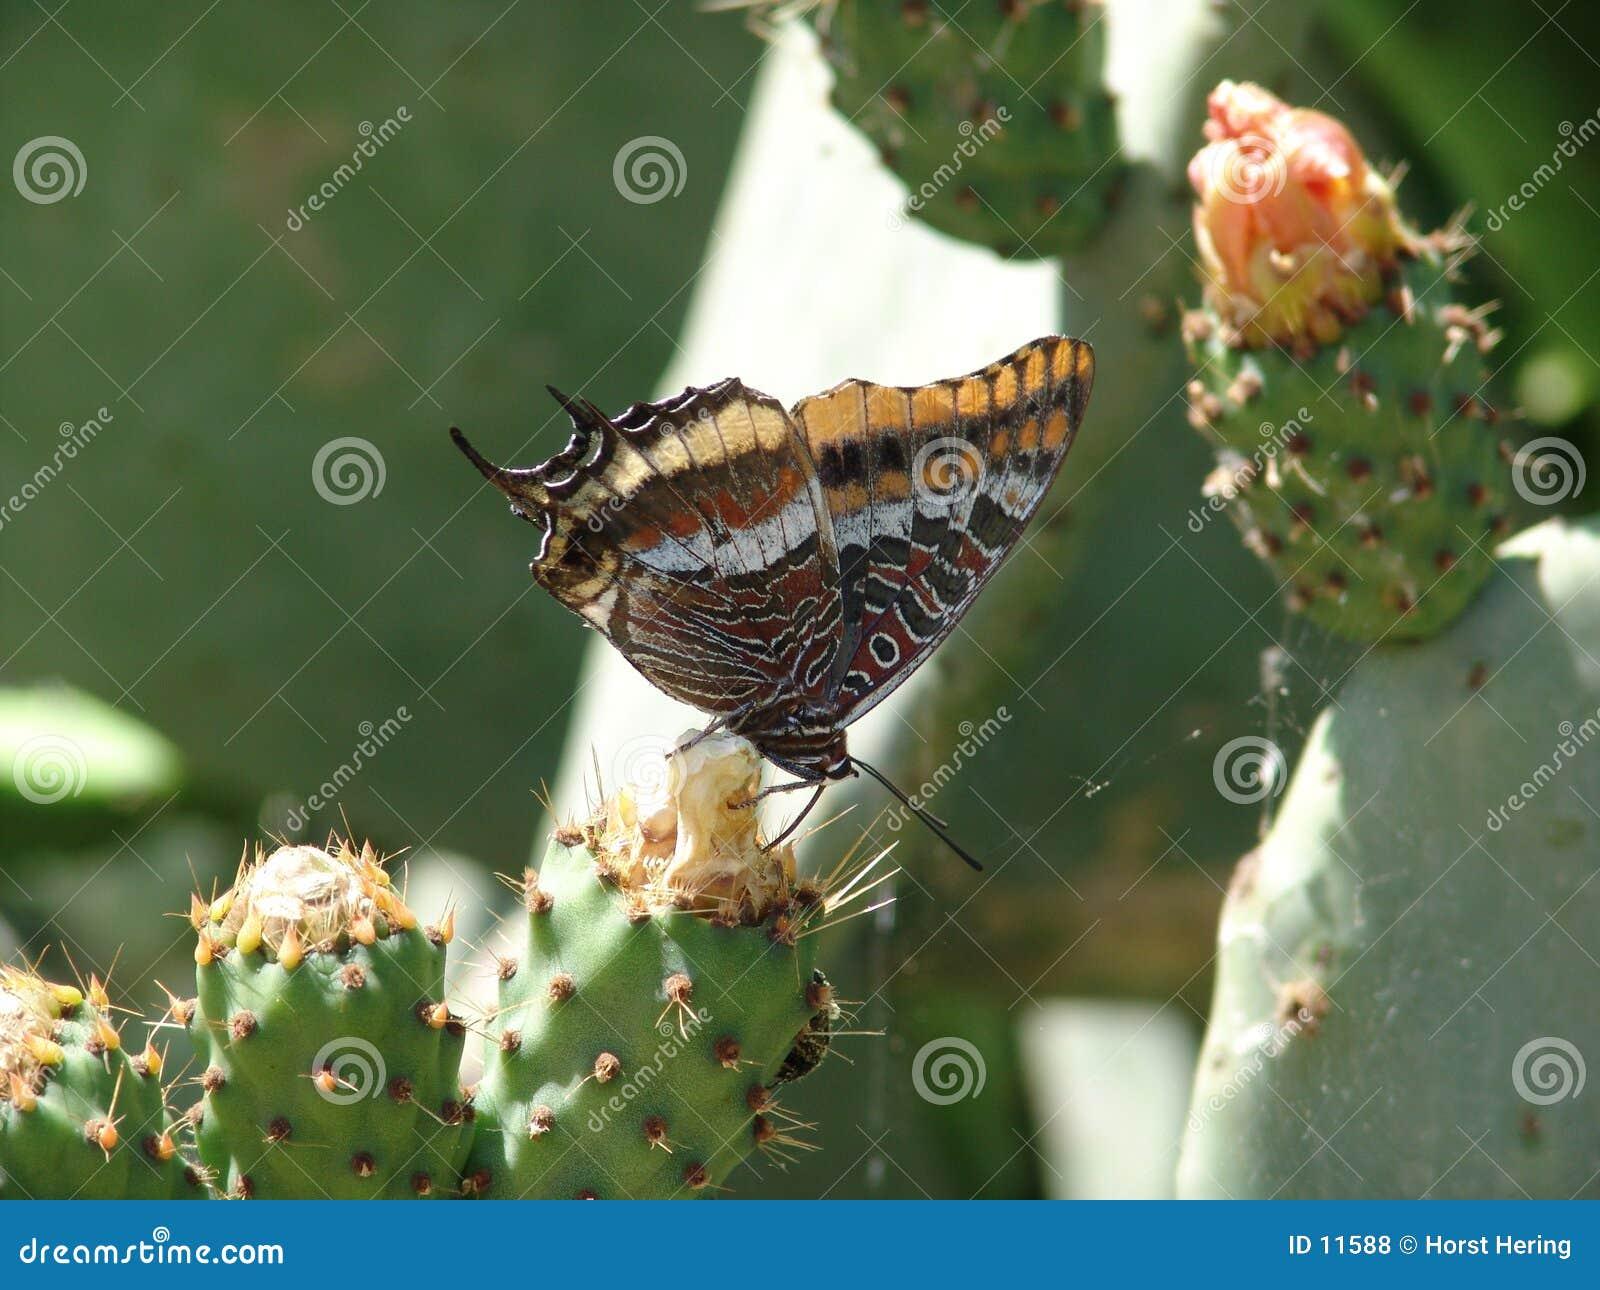 Basisrecheneinheit u. Kaktus